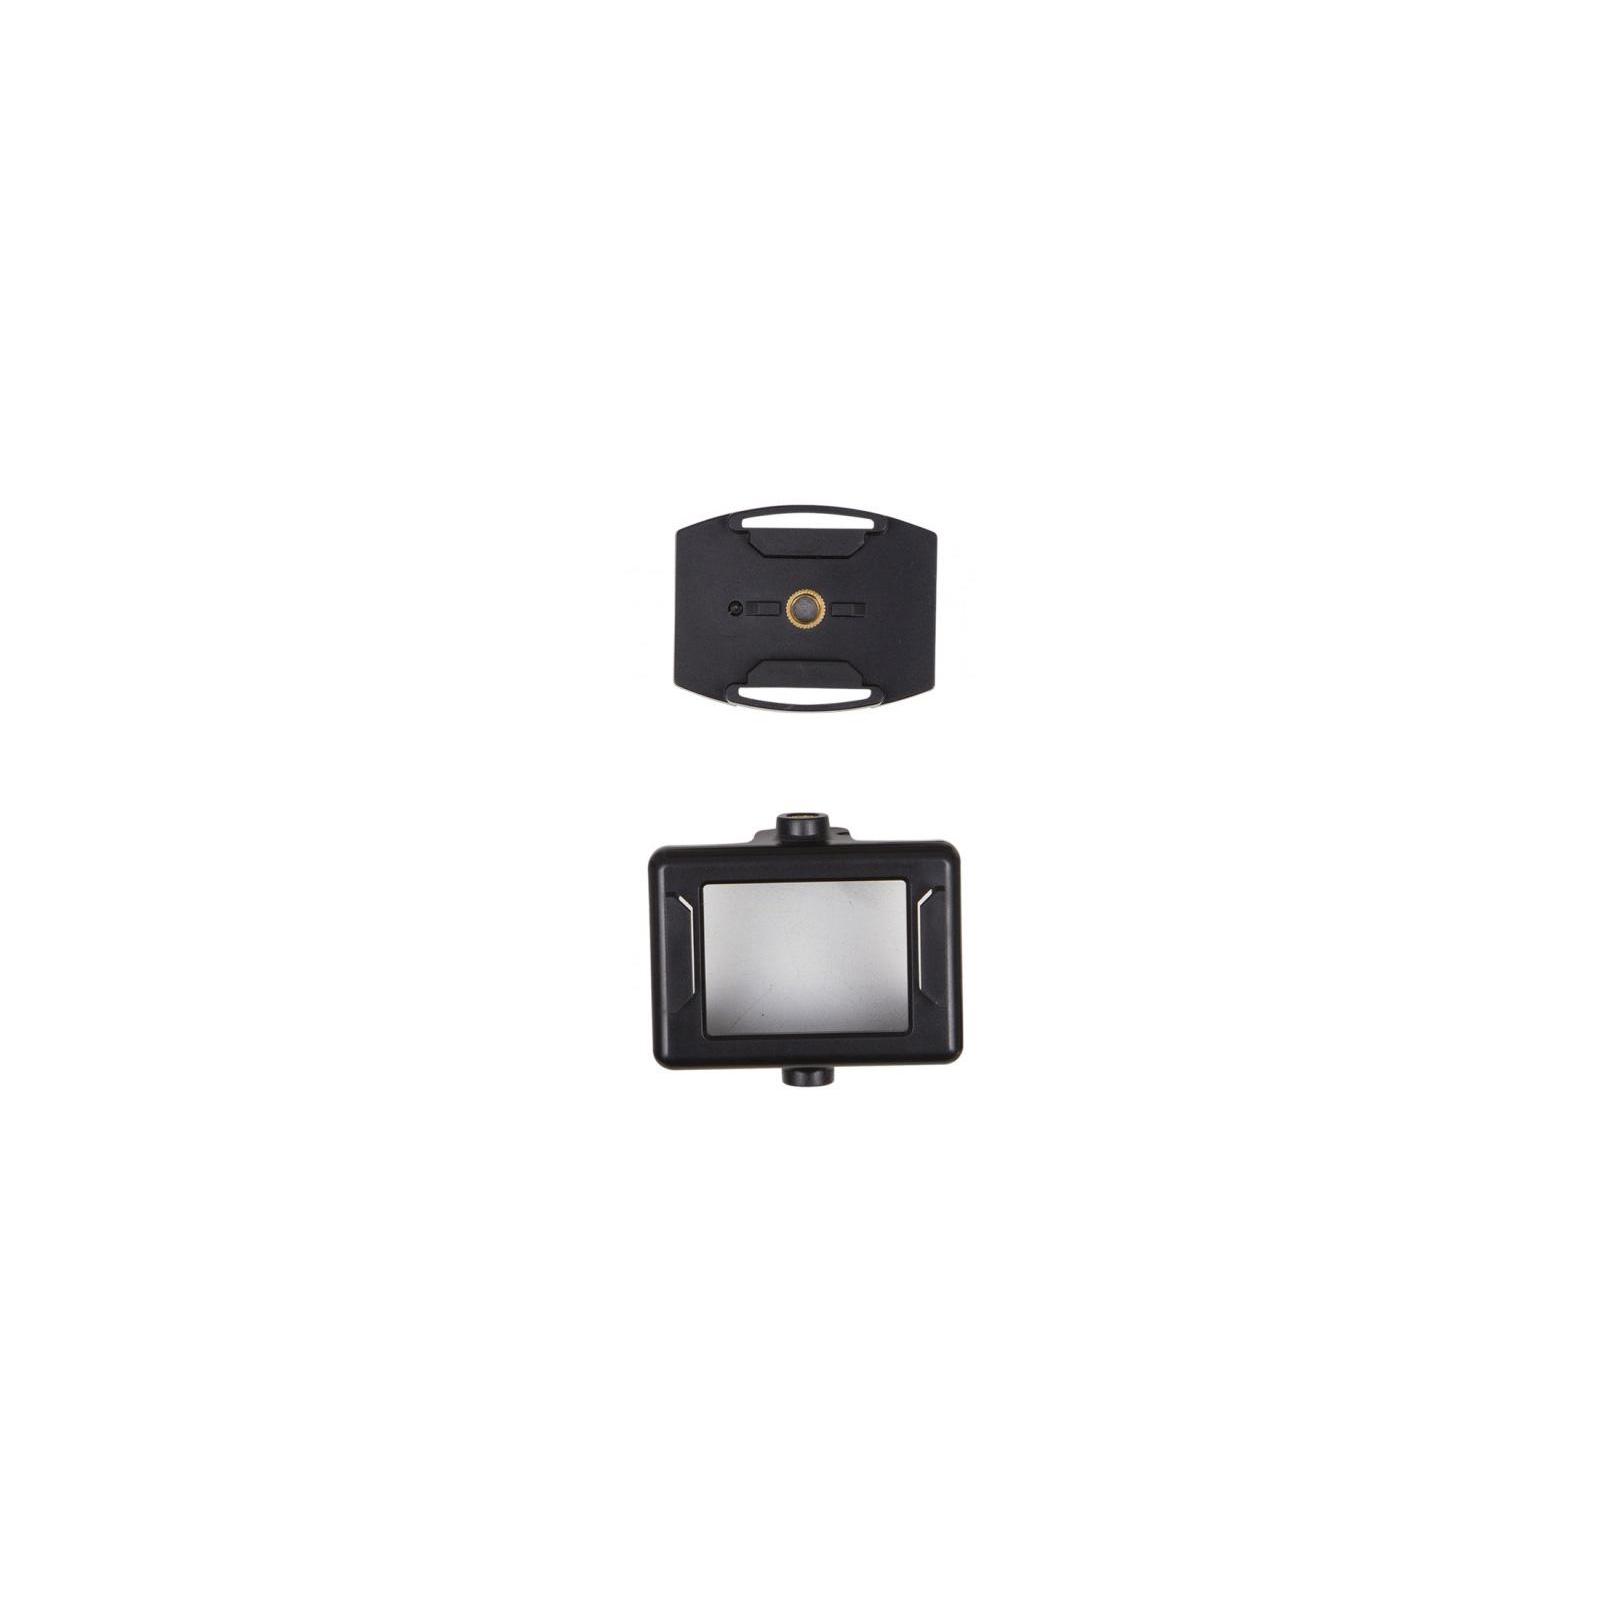 Экшн-камера AirOn Simple Full HD black (4822356754471) изображение 10